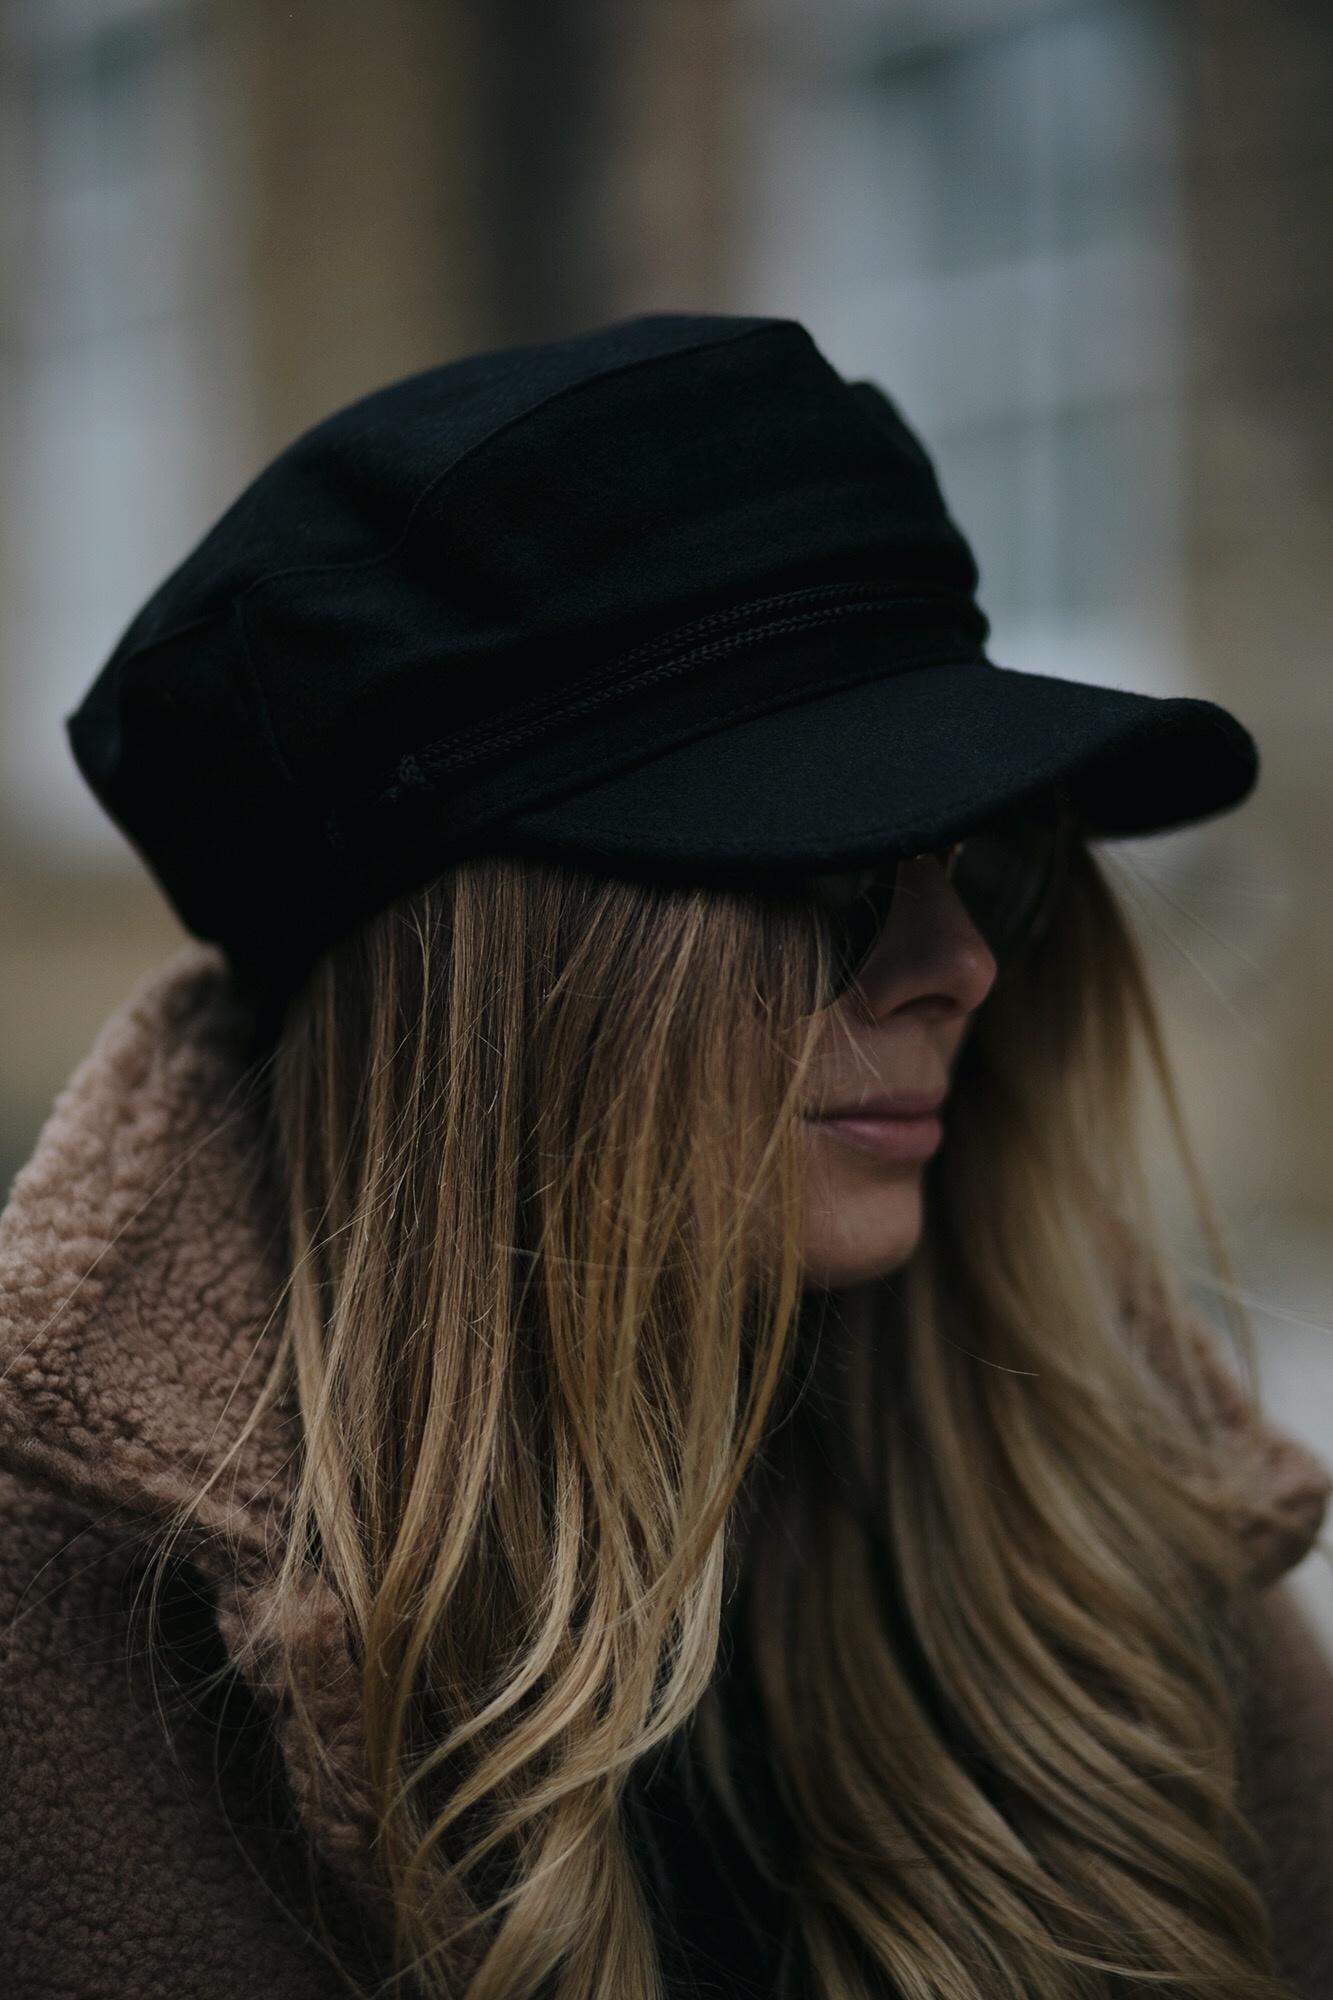 baker boy cap hat, long blonde balayage hair